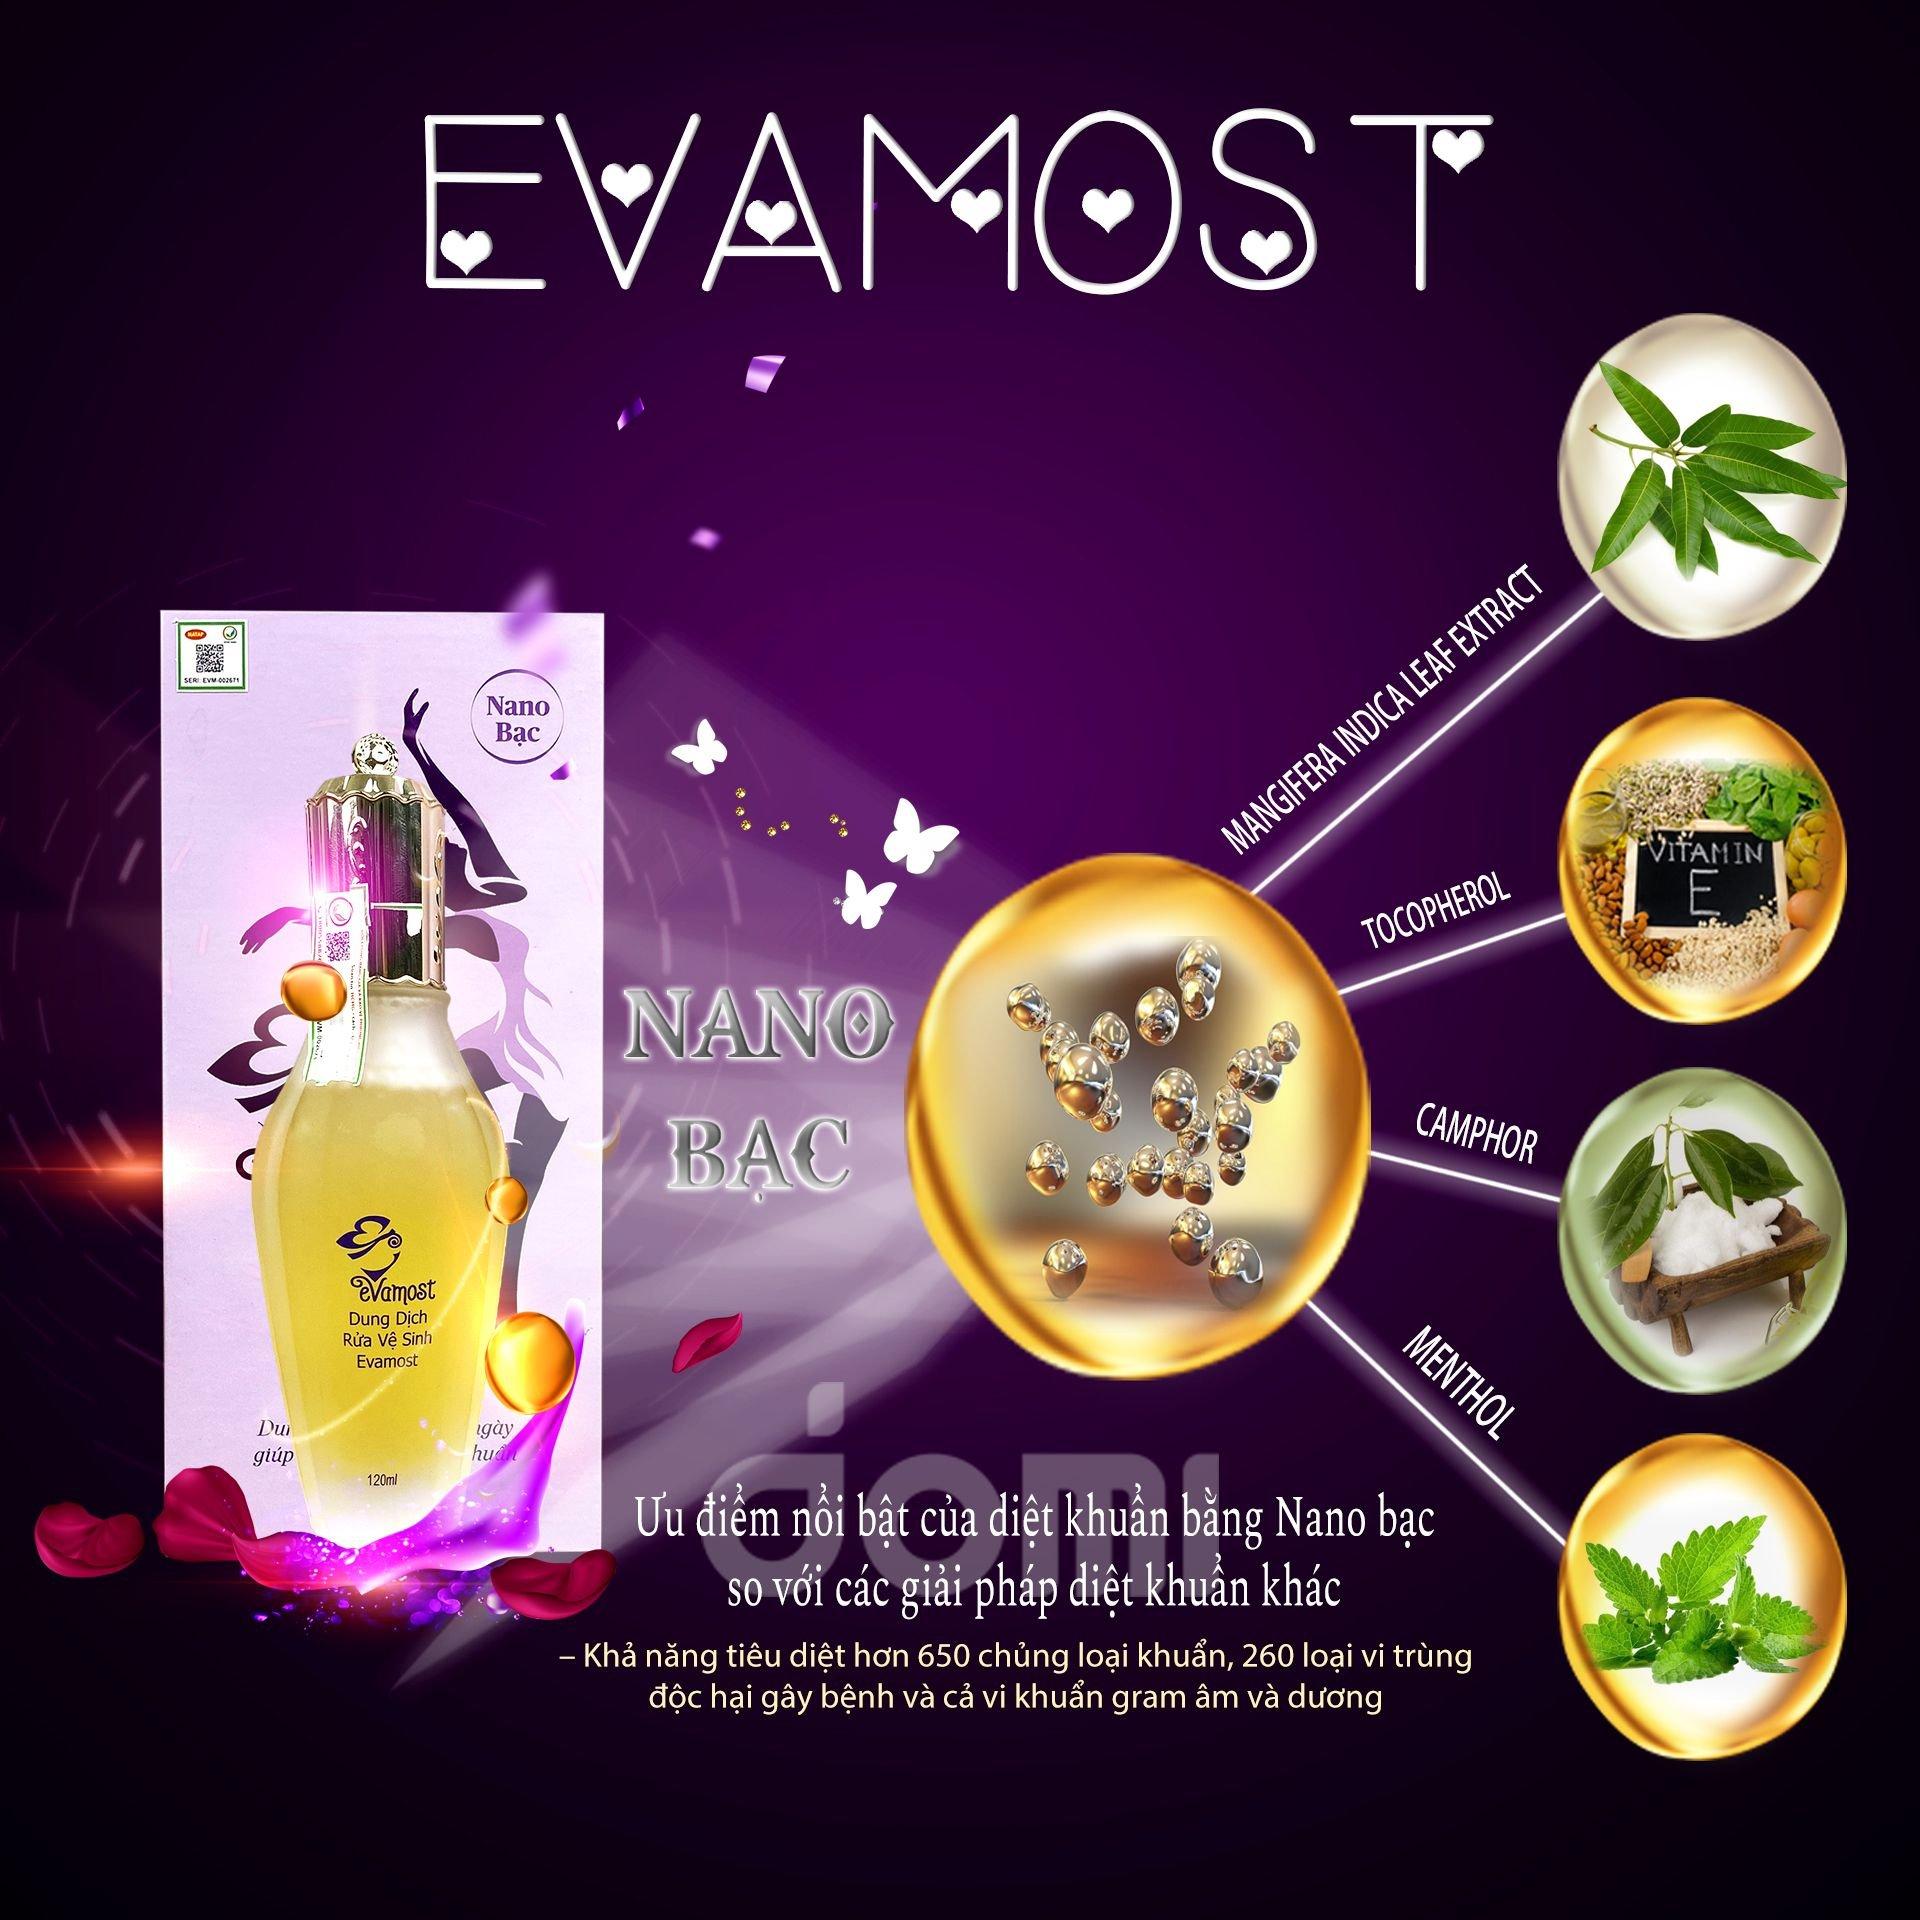 Thành phần tự nhiên của Evamost